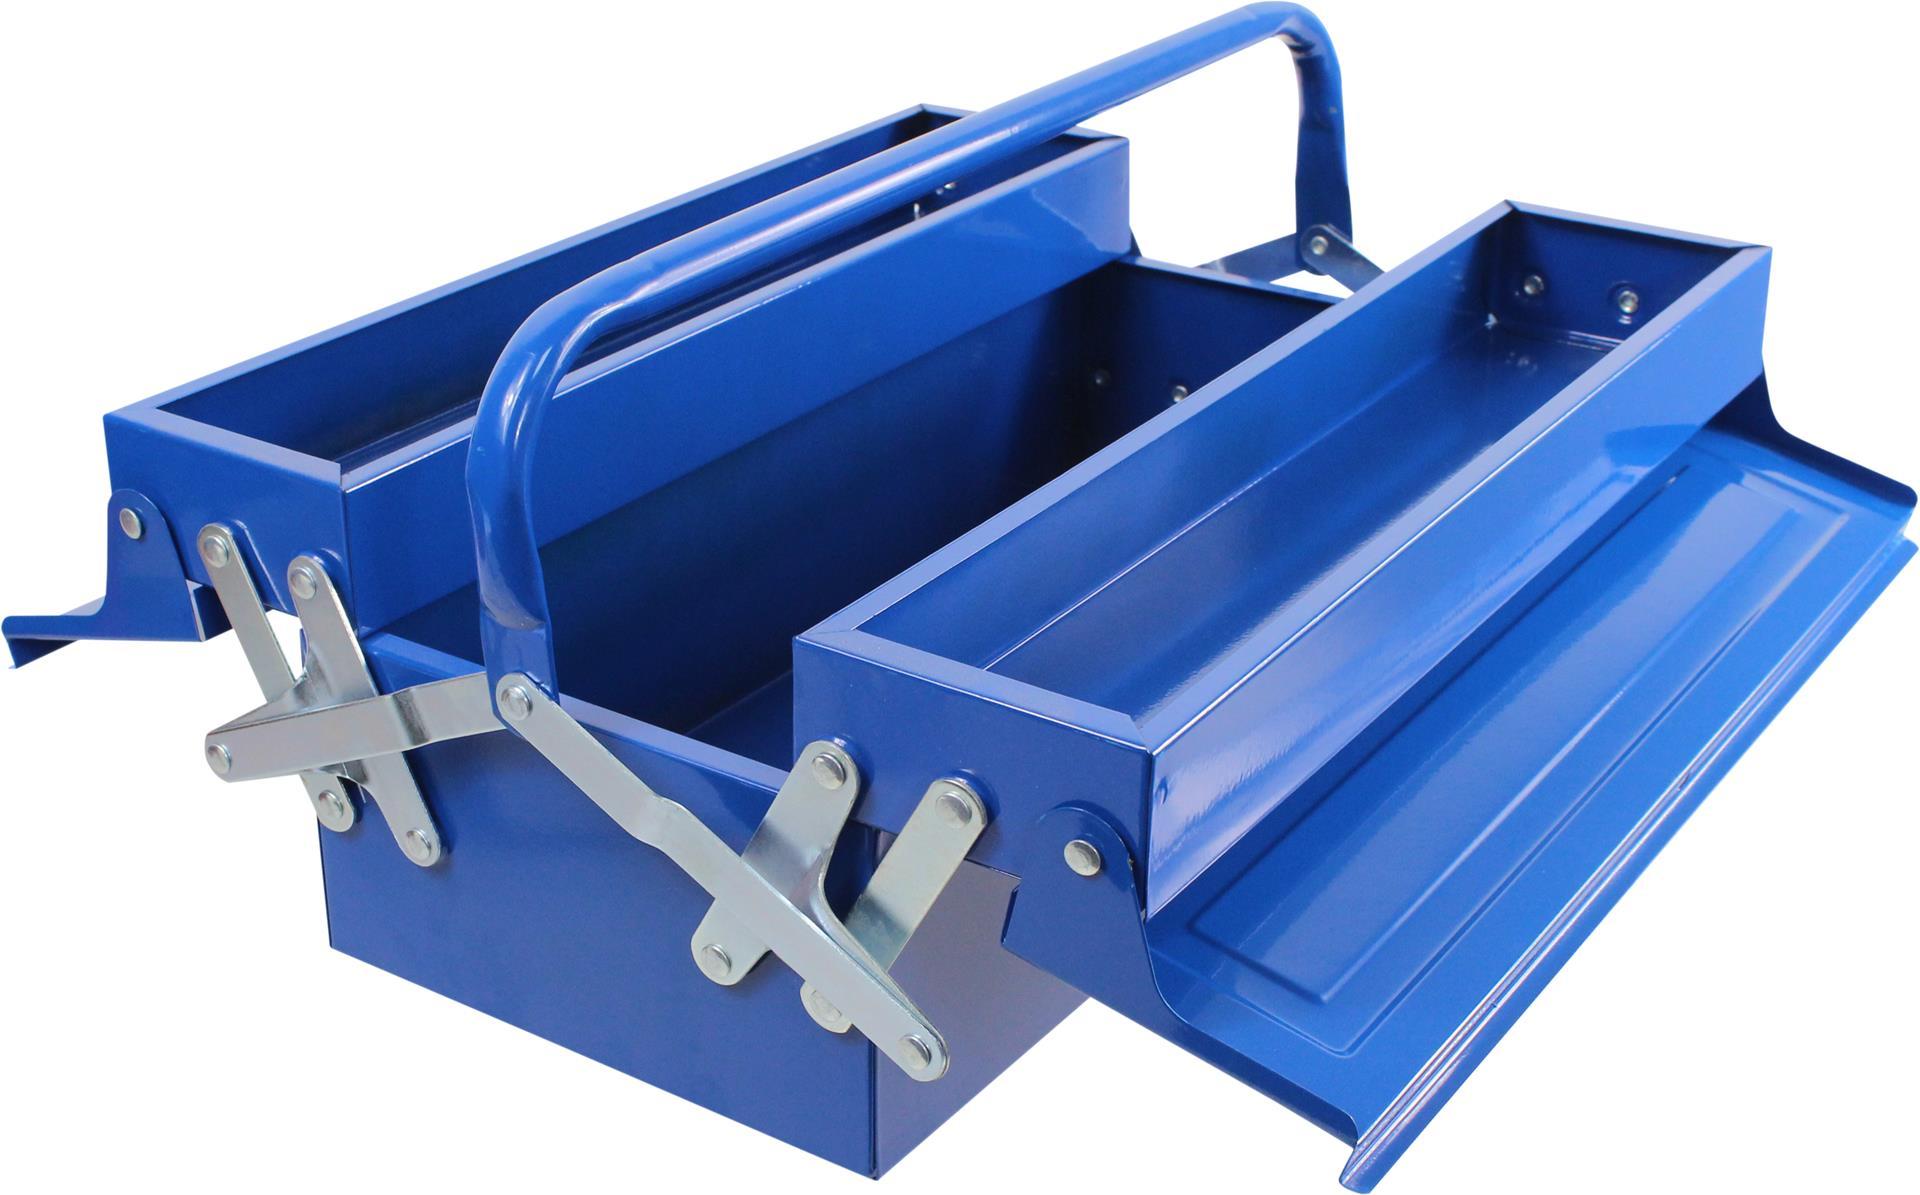 MADEIRA - Caixa de ferramentas MADER METÁLICA 465X200X160